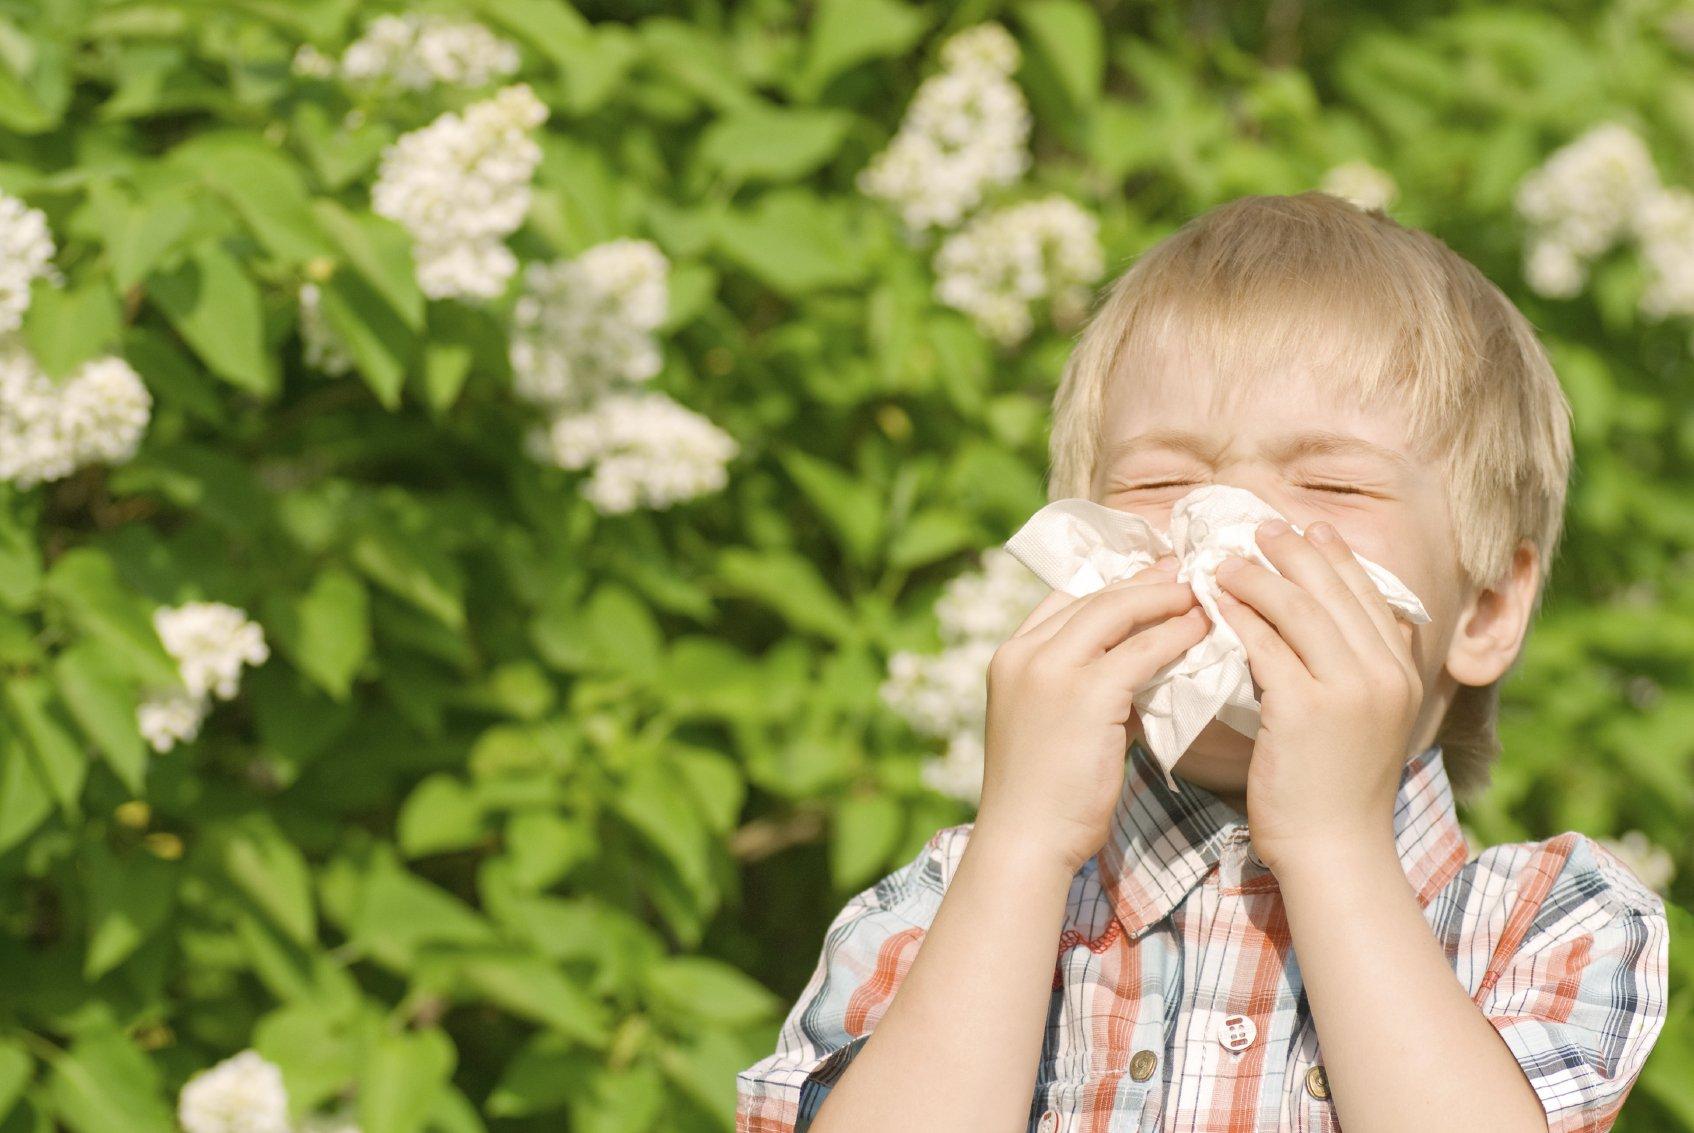 Картинки ребенка с аллергией